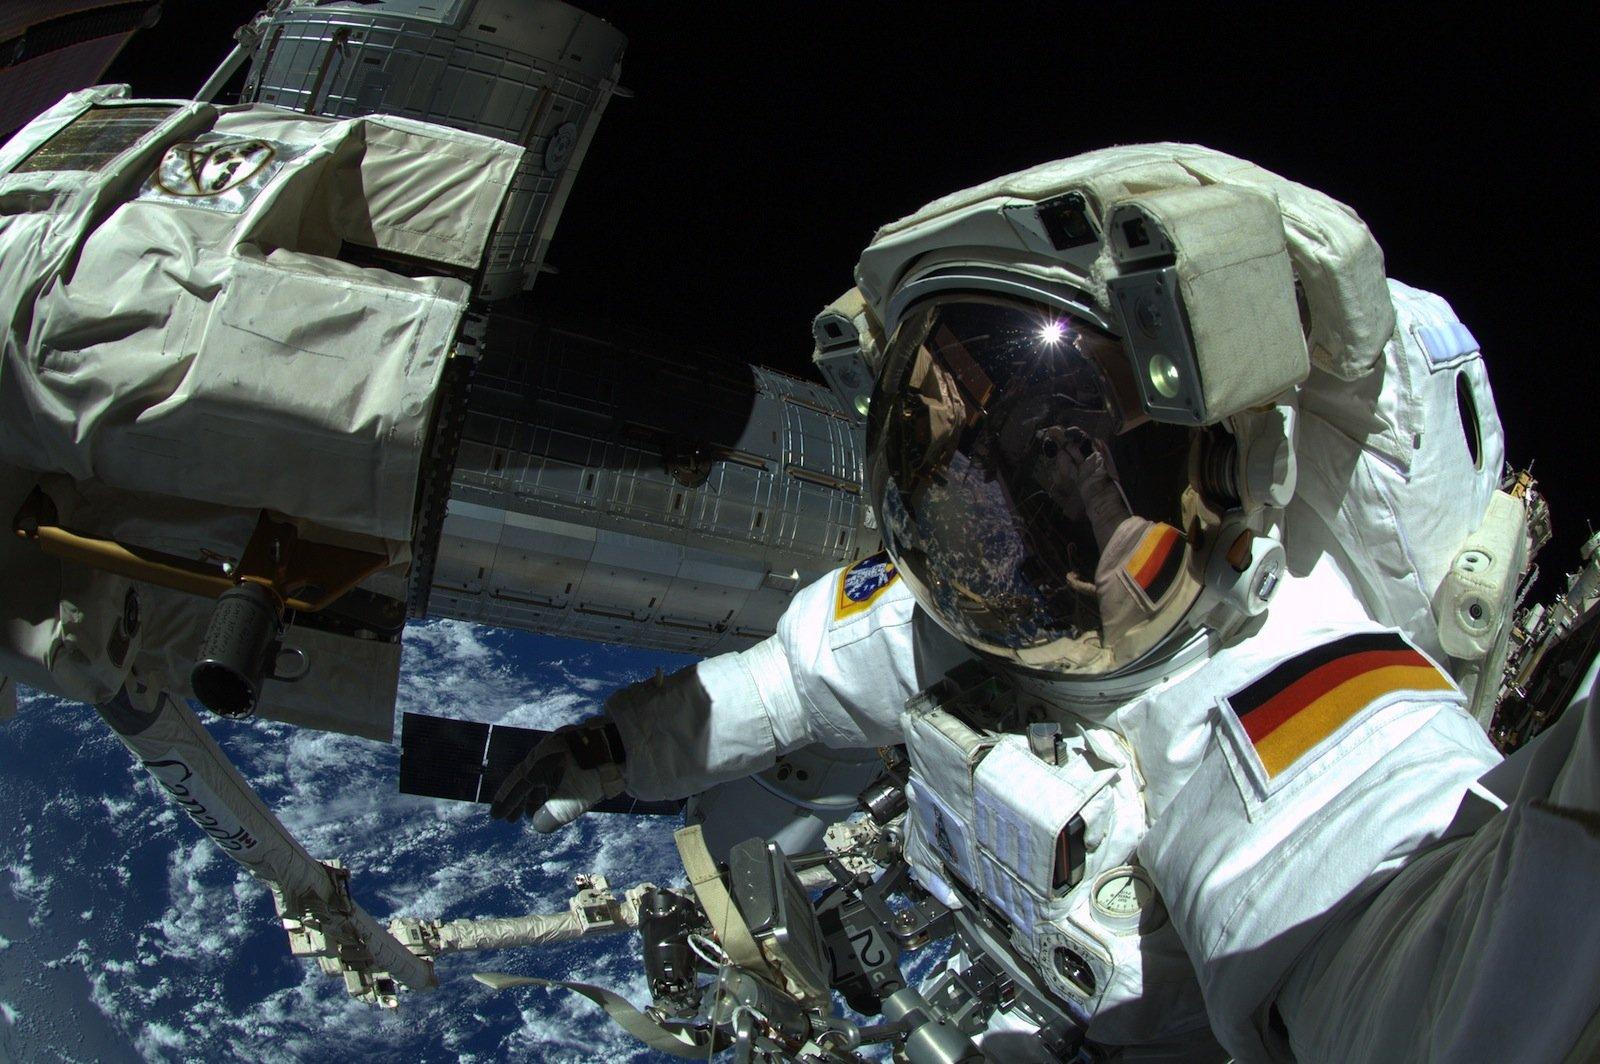 Wohl der Höhepunkt seiner Mission: Alexander Gerst beim sogenannten Weltraumspaziergang. Dabei musste er Reparaturen an der ISS vornehmen. Keine einfache Sache.